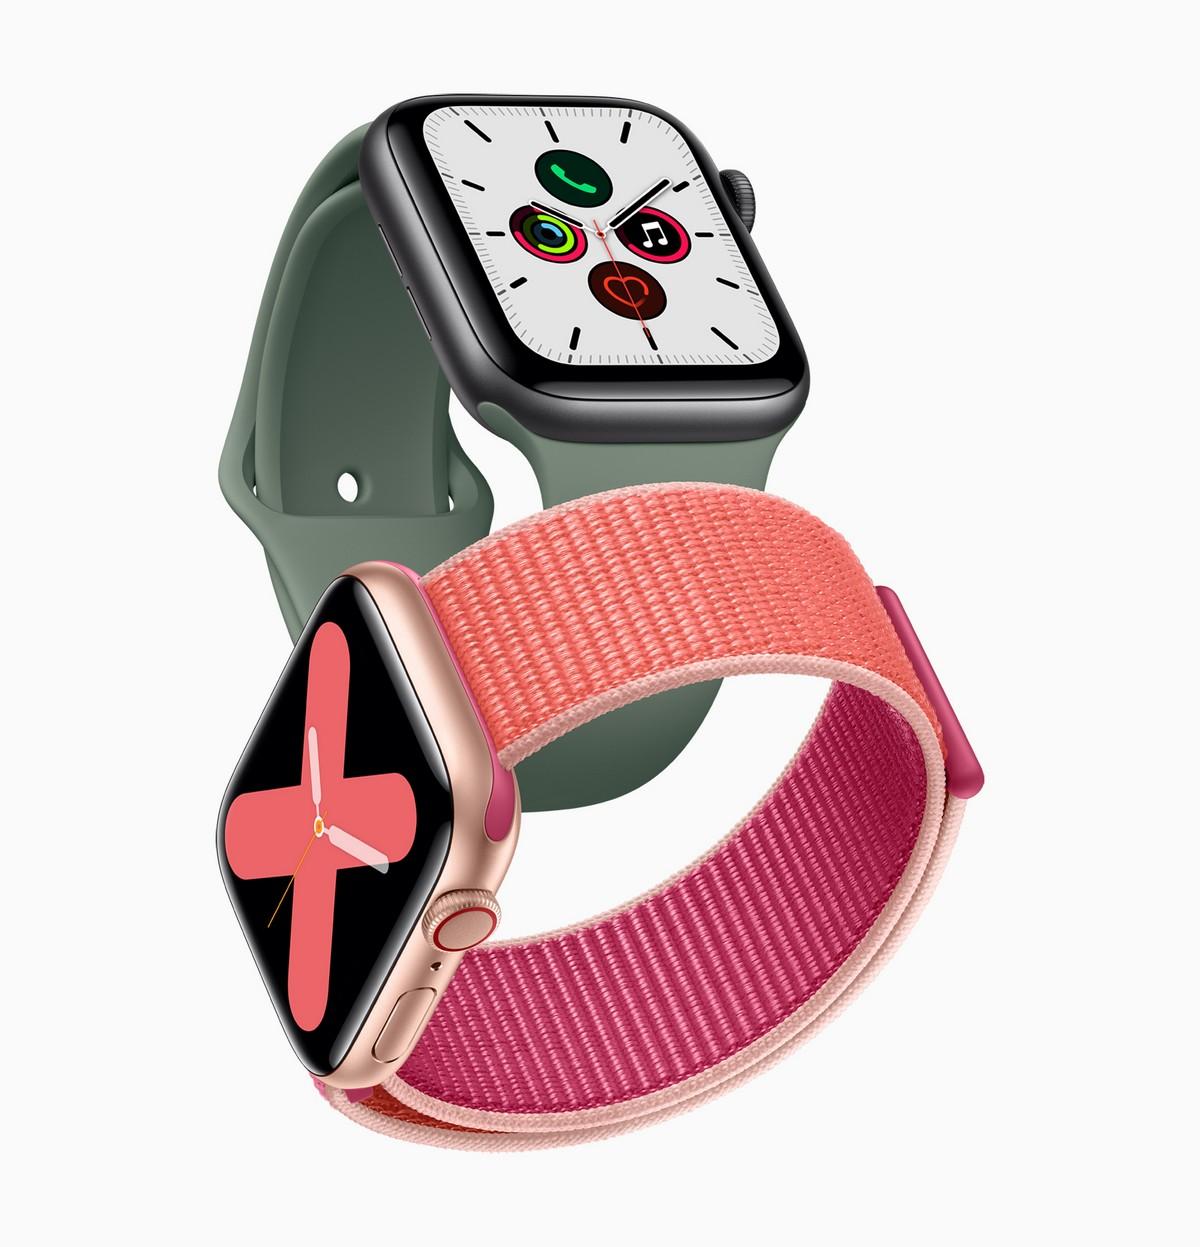 Apple Watch Series 6 могут определять уровень кислорода в крови